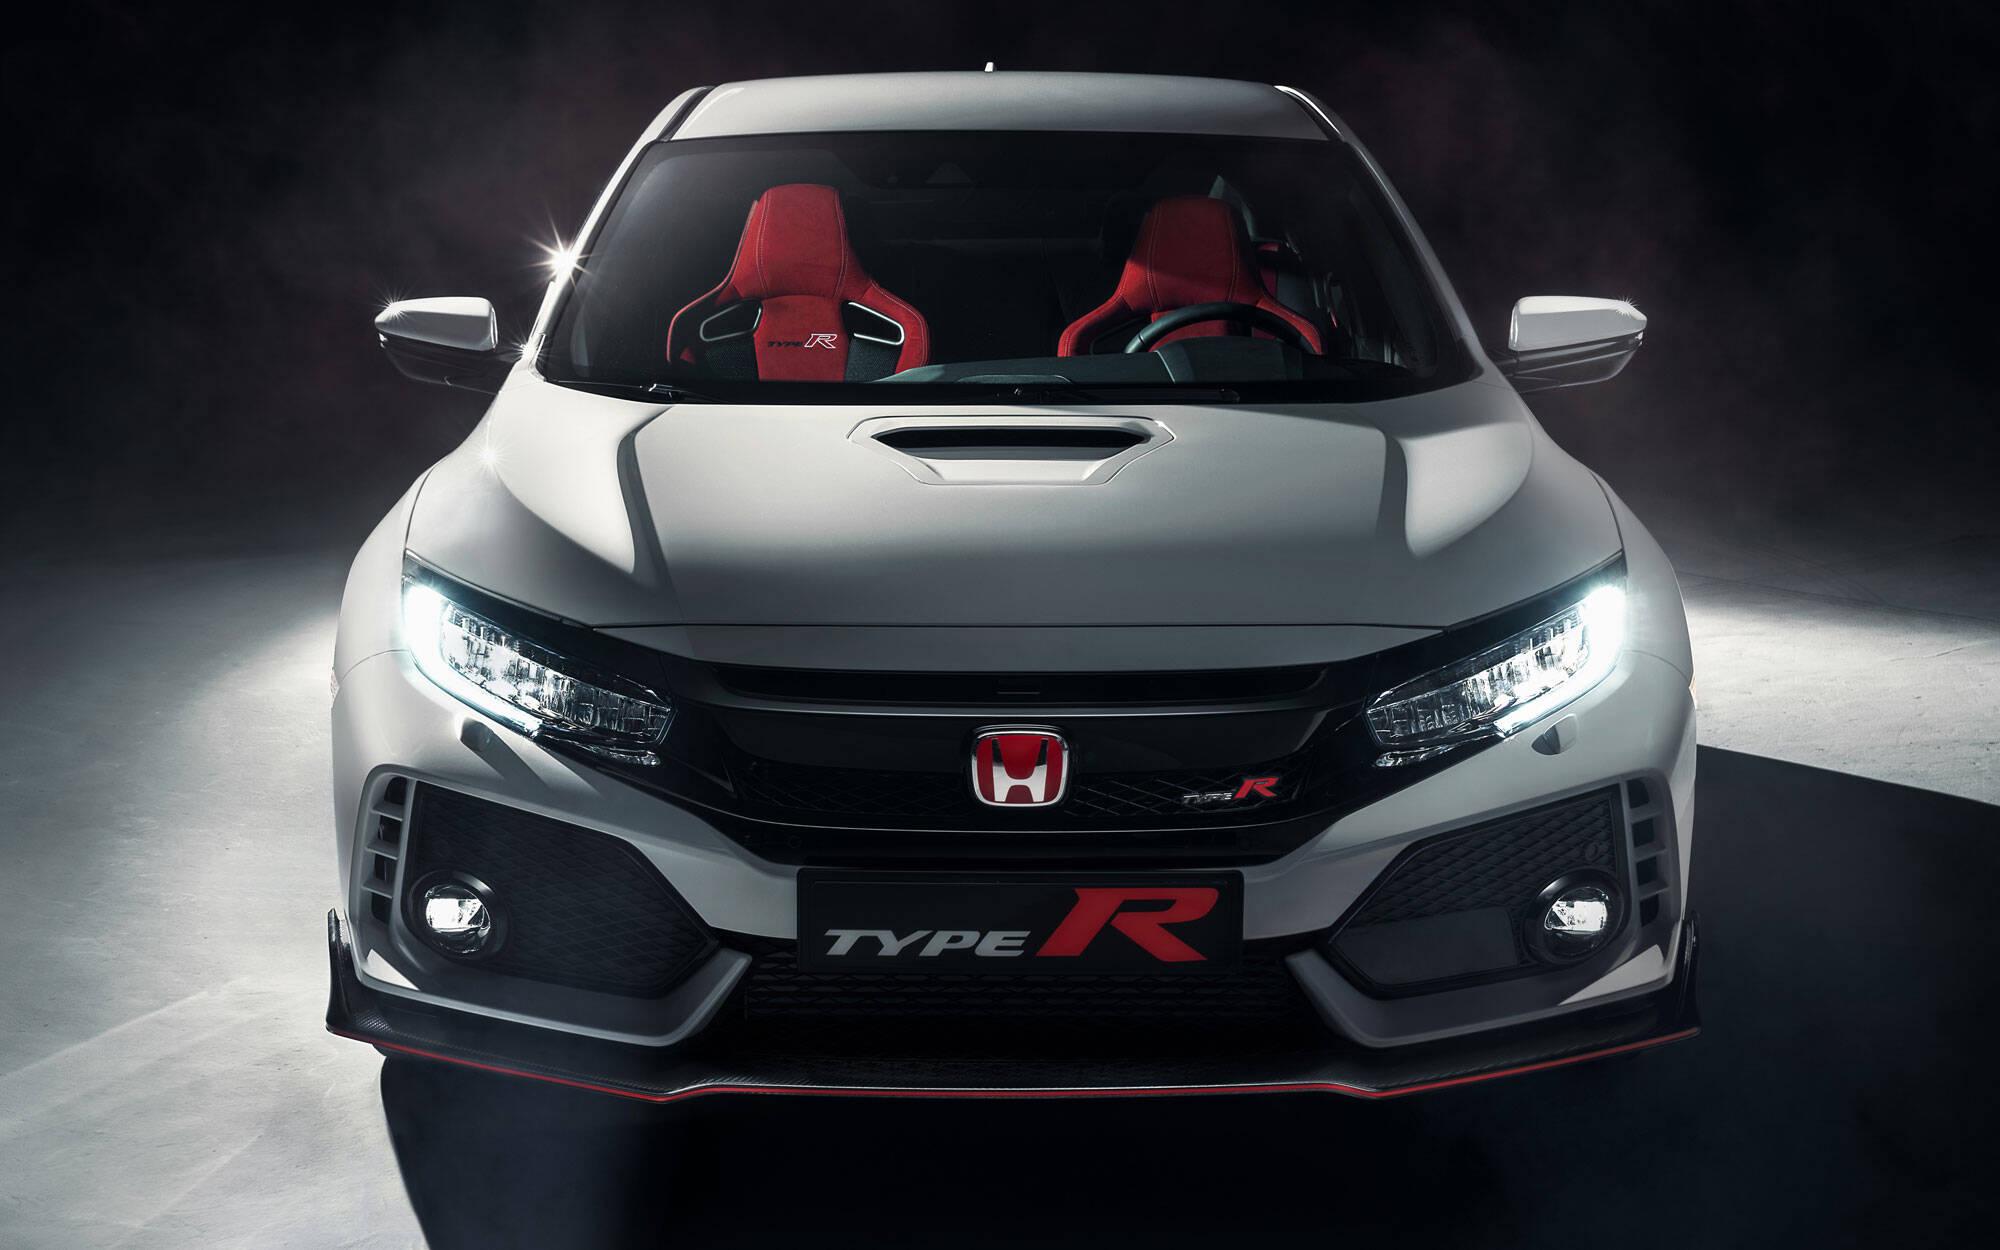 Honda Civic Type R. Foto: Divulgação/Honda